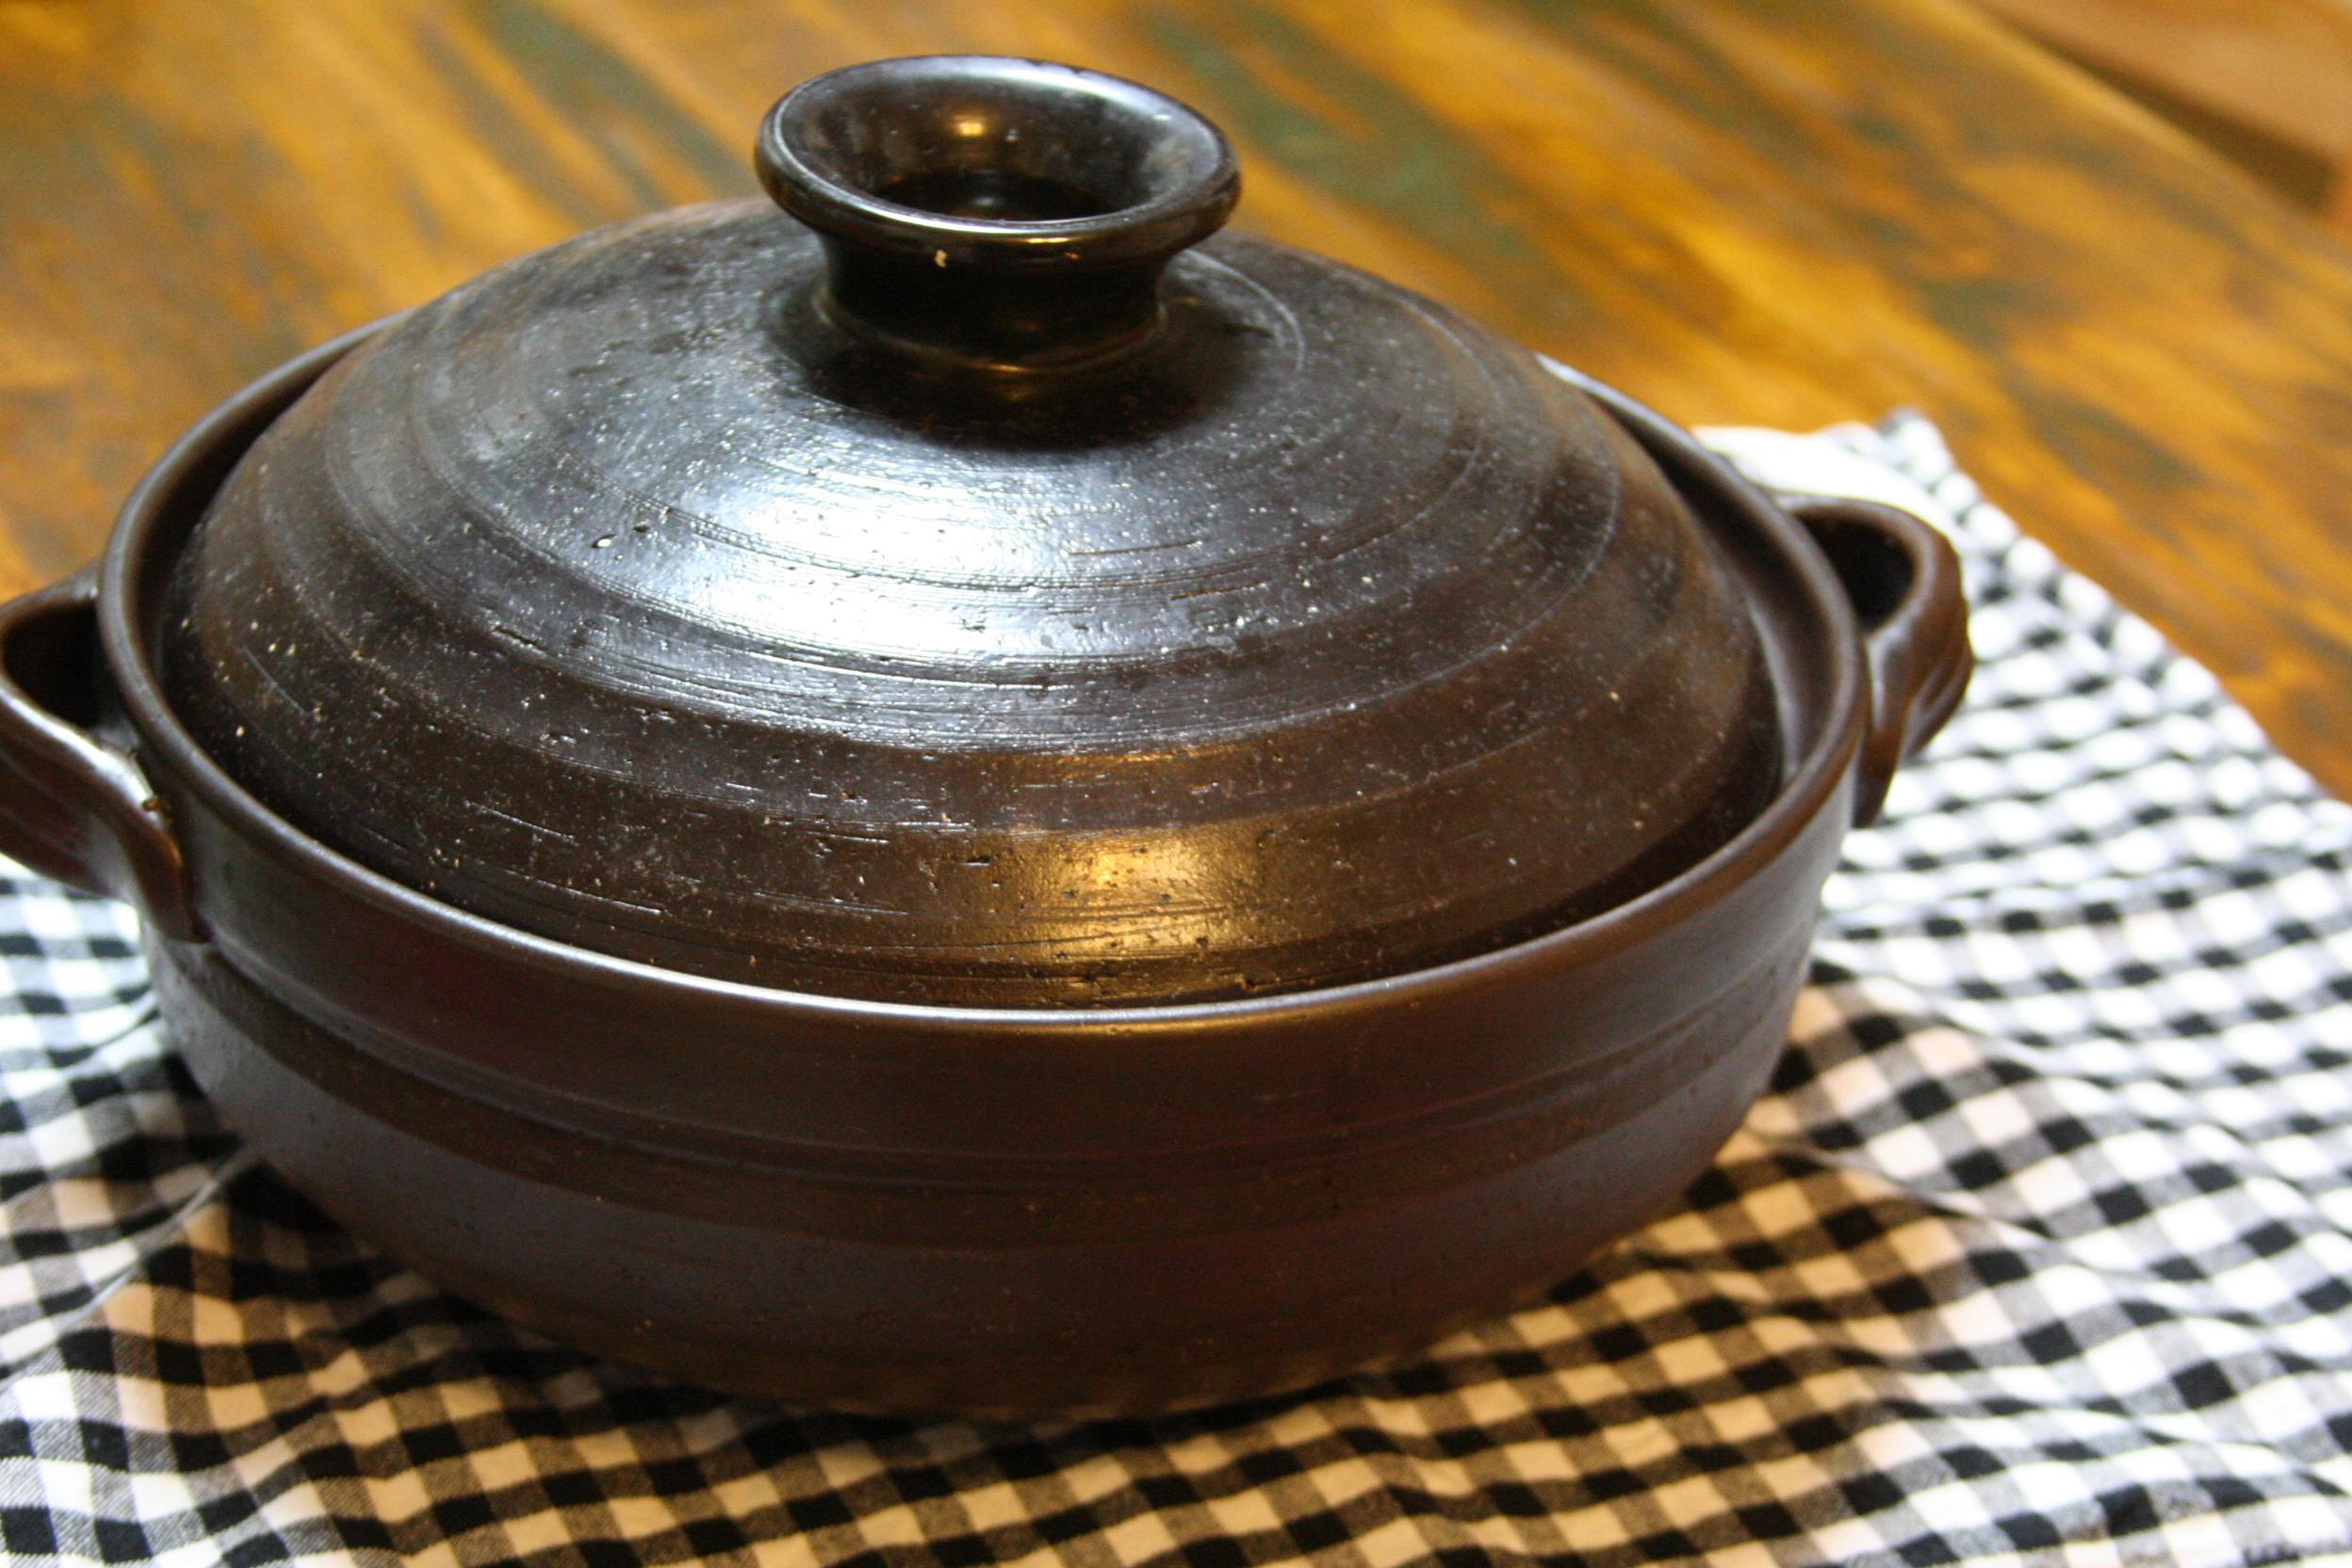 土鍋のおすすめ7選!伊賀焼やセラミック製も